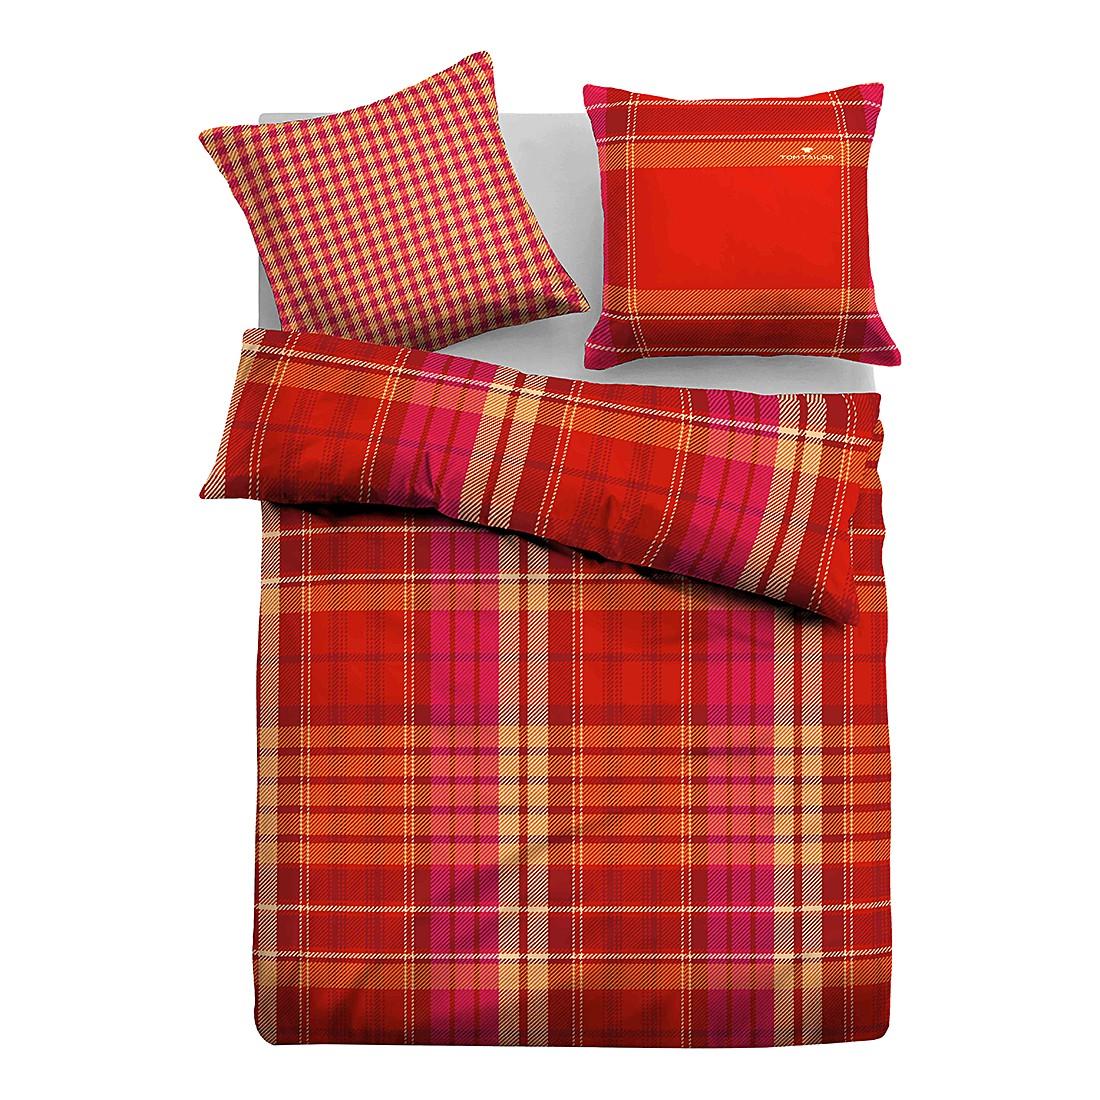 Satin Bettwäsche Quader – Rot / Gelb – 135 x 200 cm + Kissen 80 x 80 cm, Tom Tailor günstig online kaufen